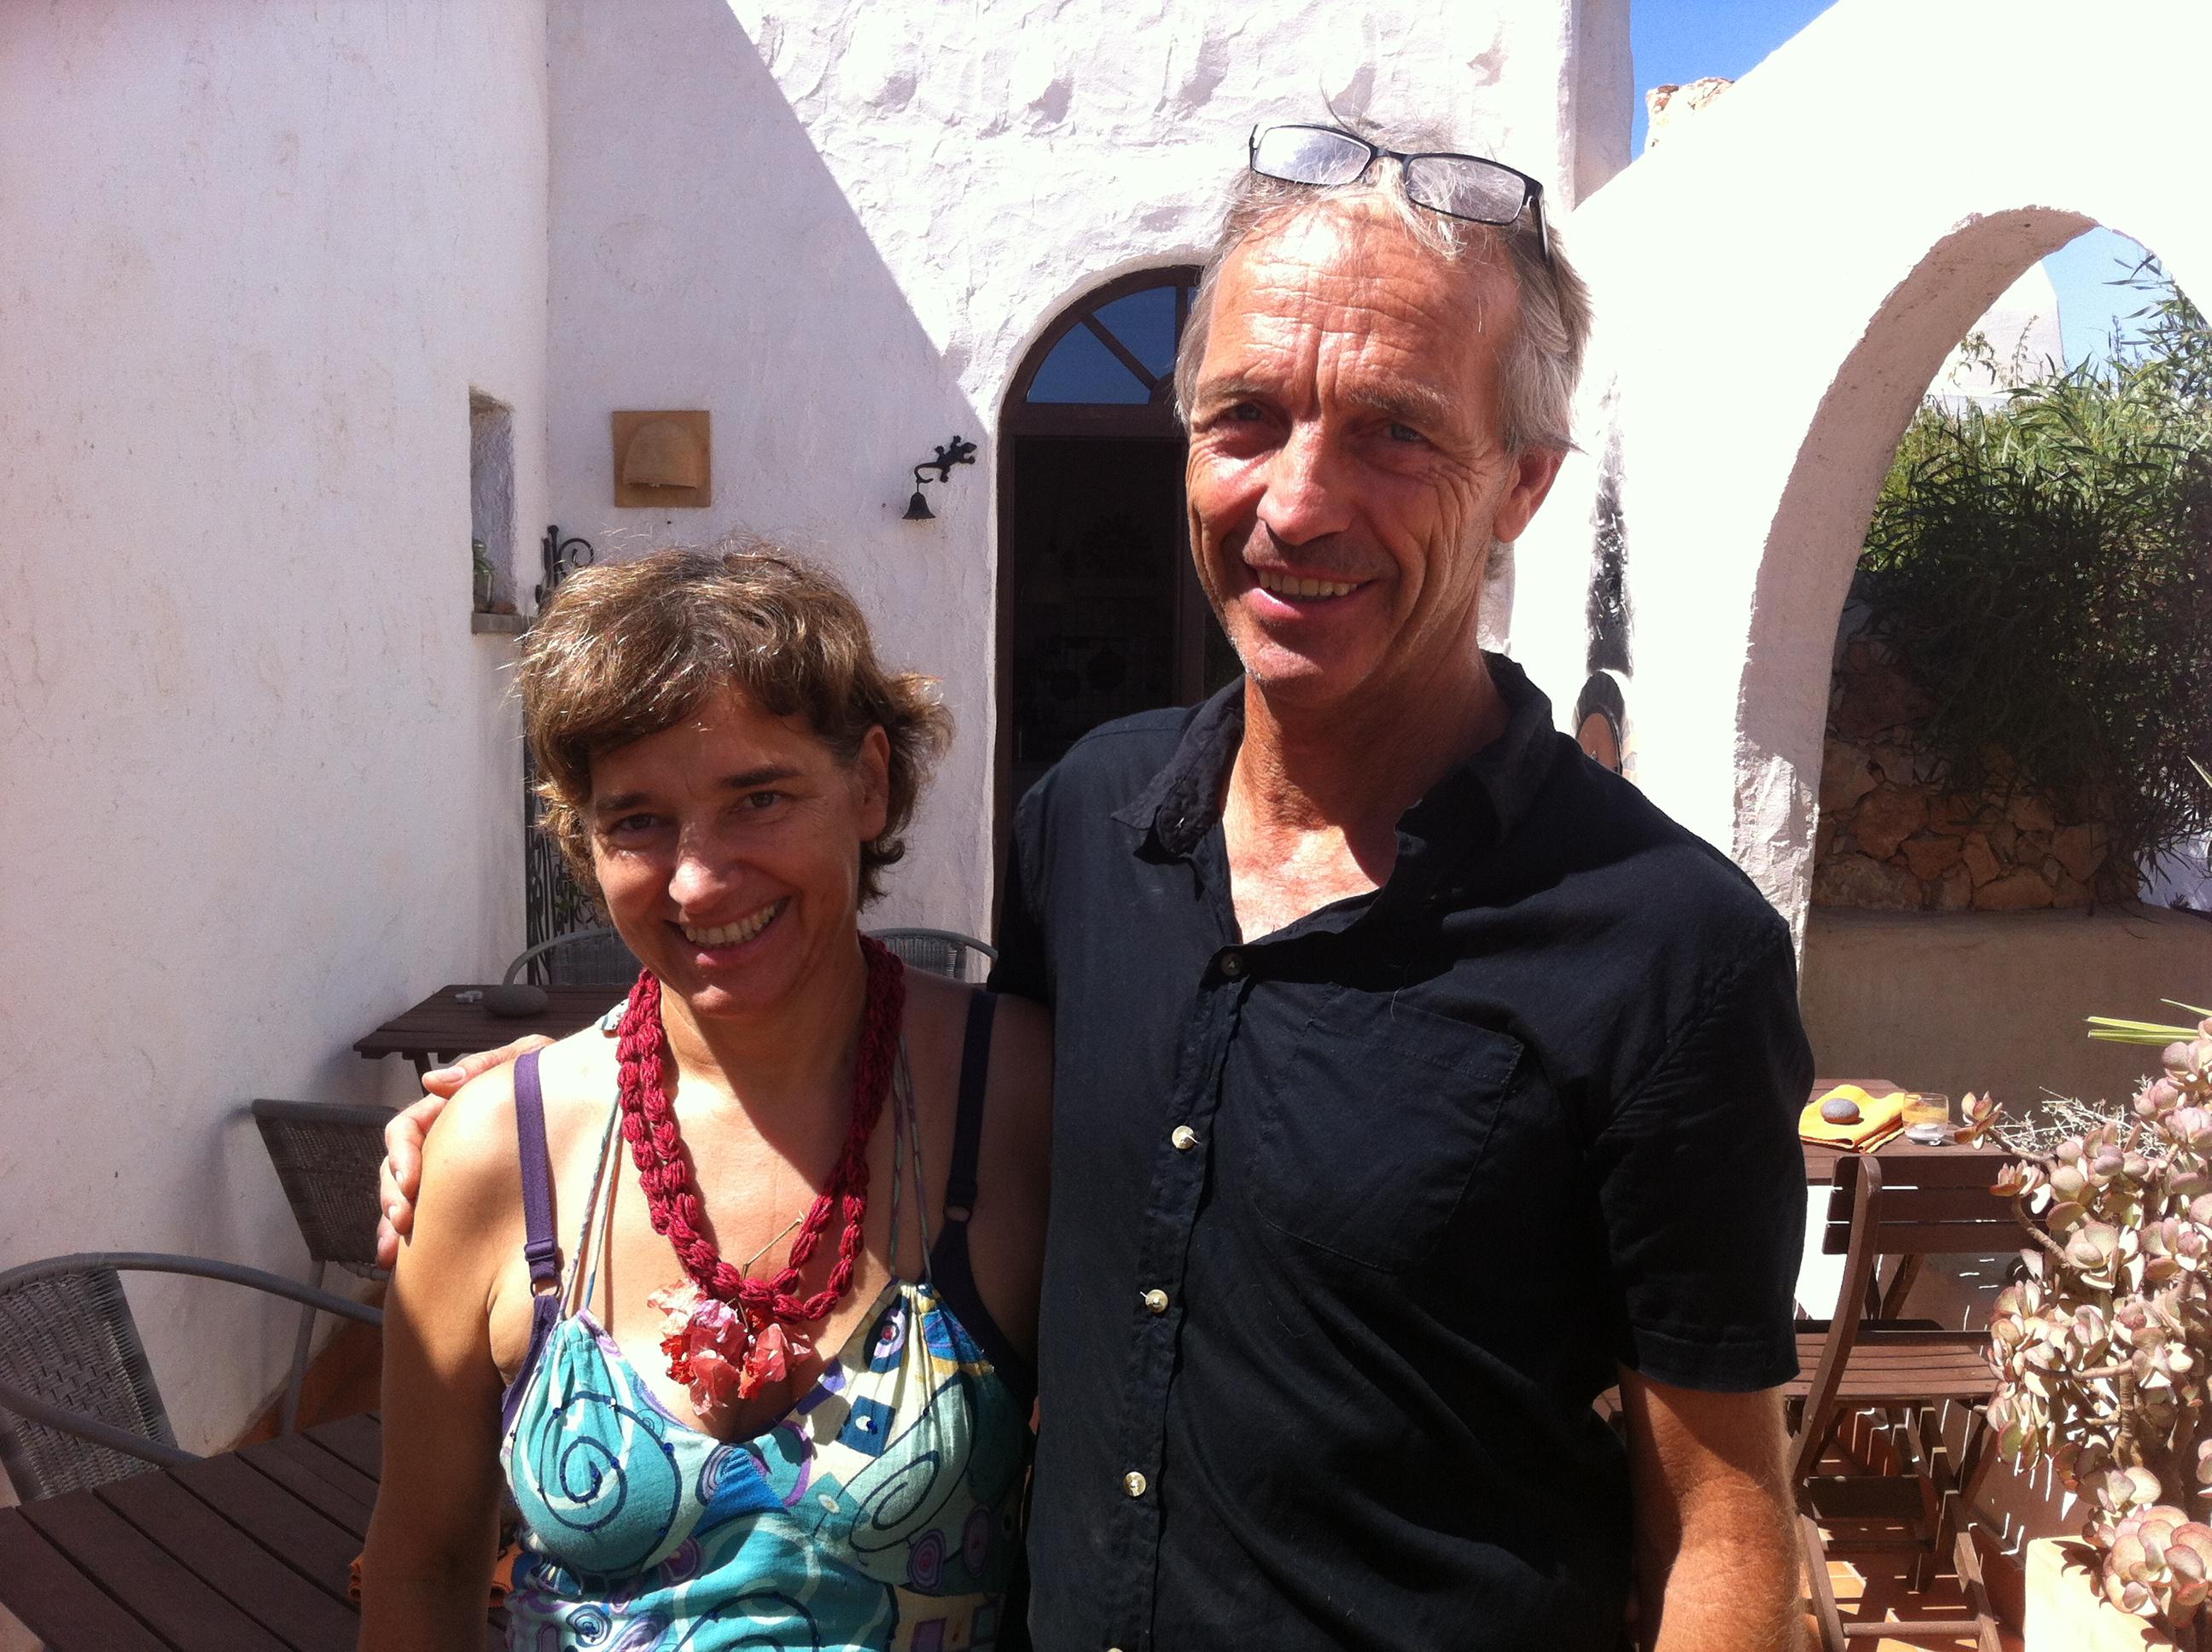 Imagen de Annika & Martin,                                         propietario de El Campillo y Cabo Activo